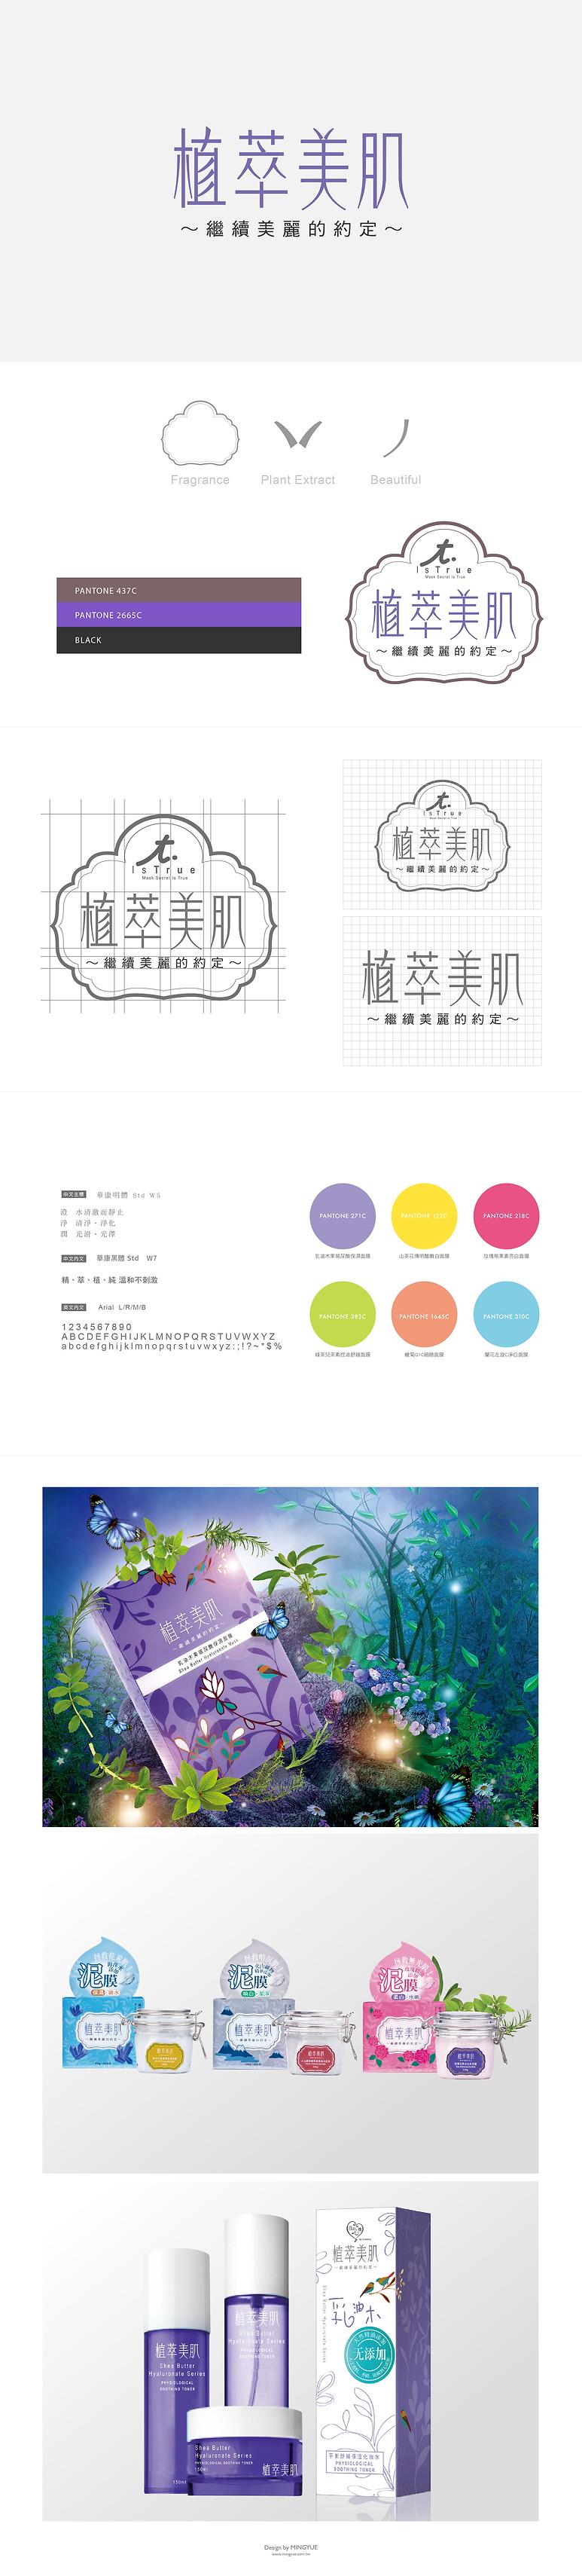 植萃美肌-簡易CI-0918_品牌設計.jpg